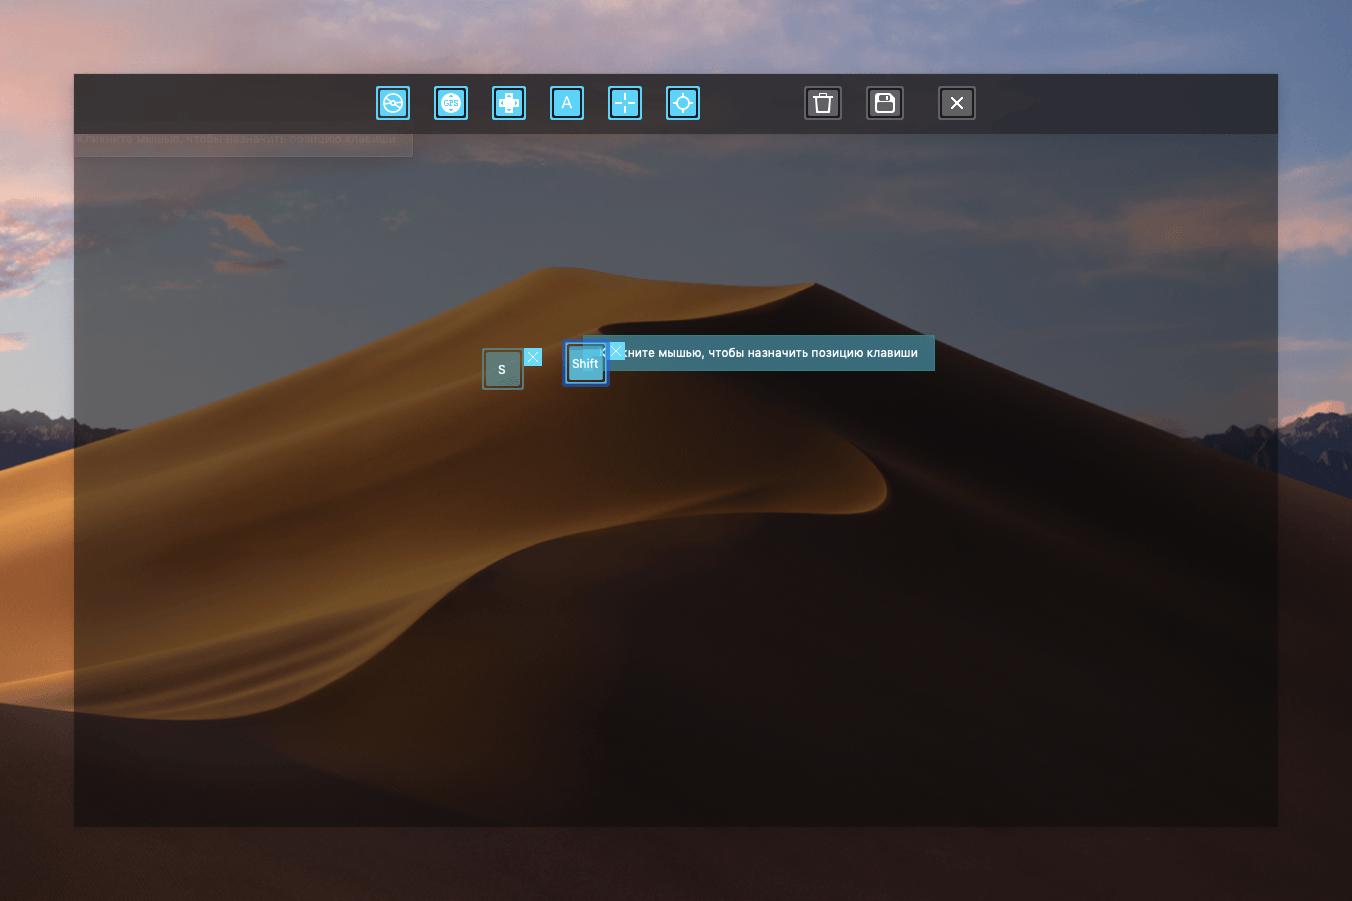 Интерфейс настройки виртуальных клавиш в Nox Player